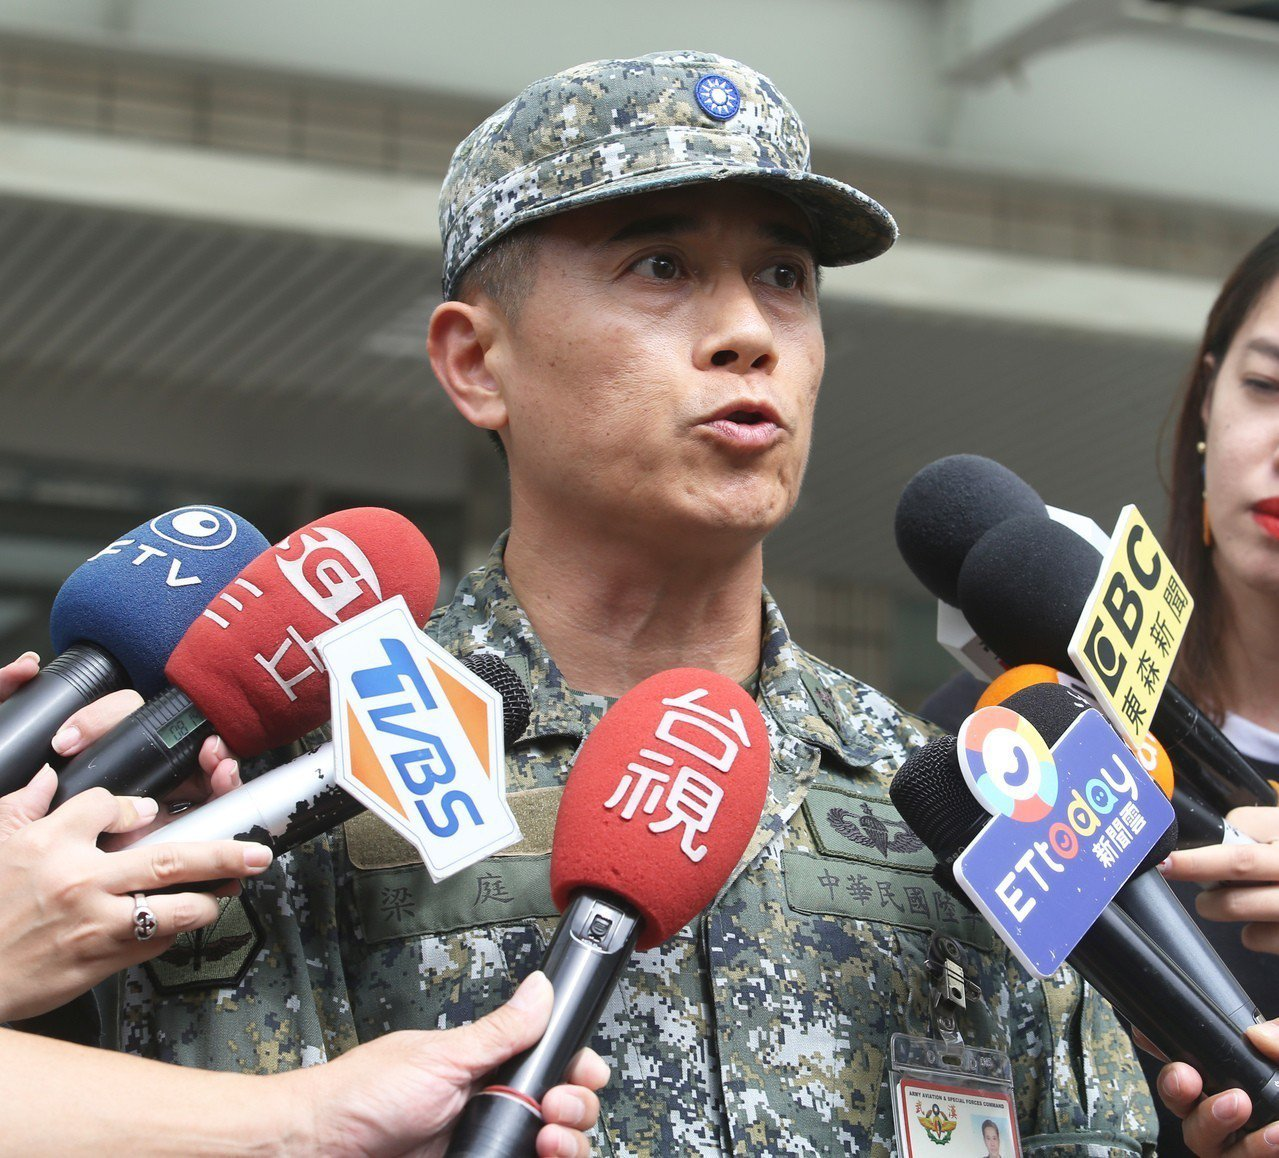 航特部政戰副主任梁庭蔚表示因傘面「吃風不足」,造成墜地。記者劉學聖/攝影